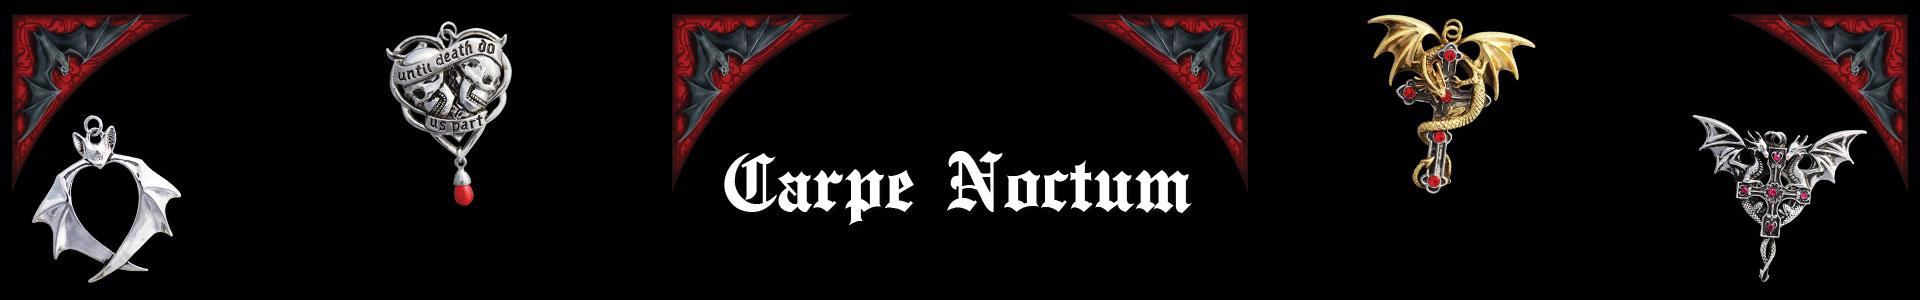 Carpe Noctum